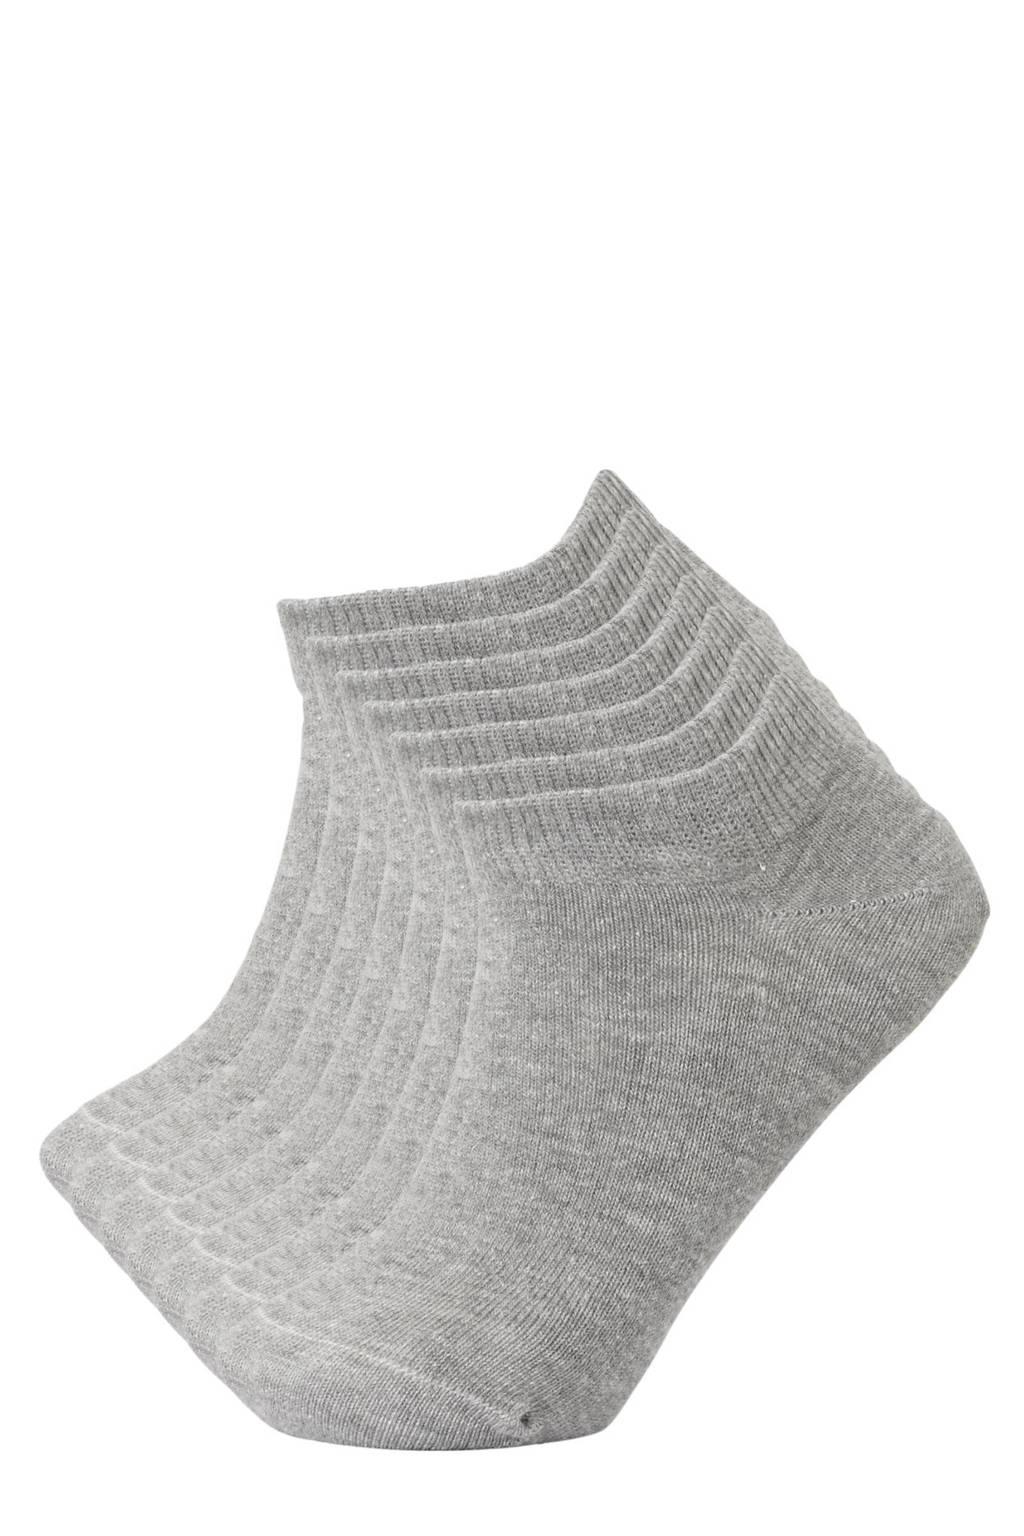 whkmp's own sneakersokken - set van 7 grijs melange, Grijs melange